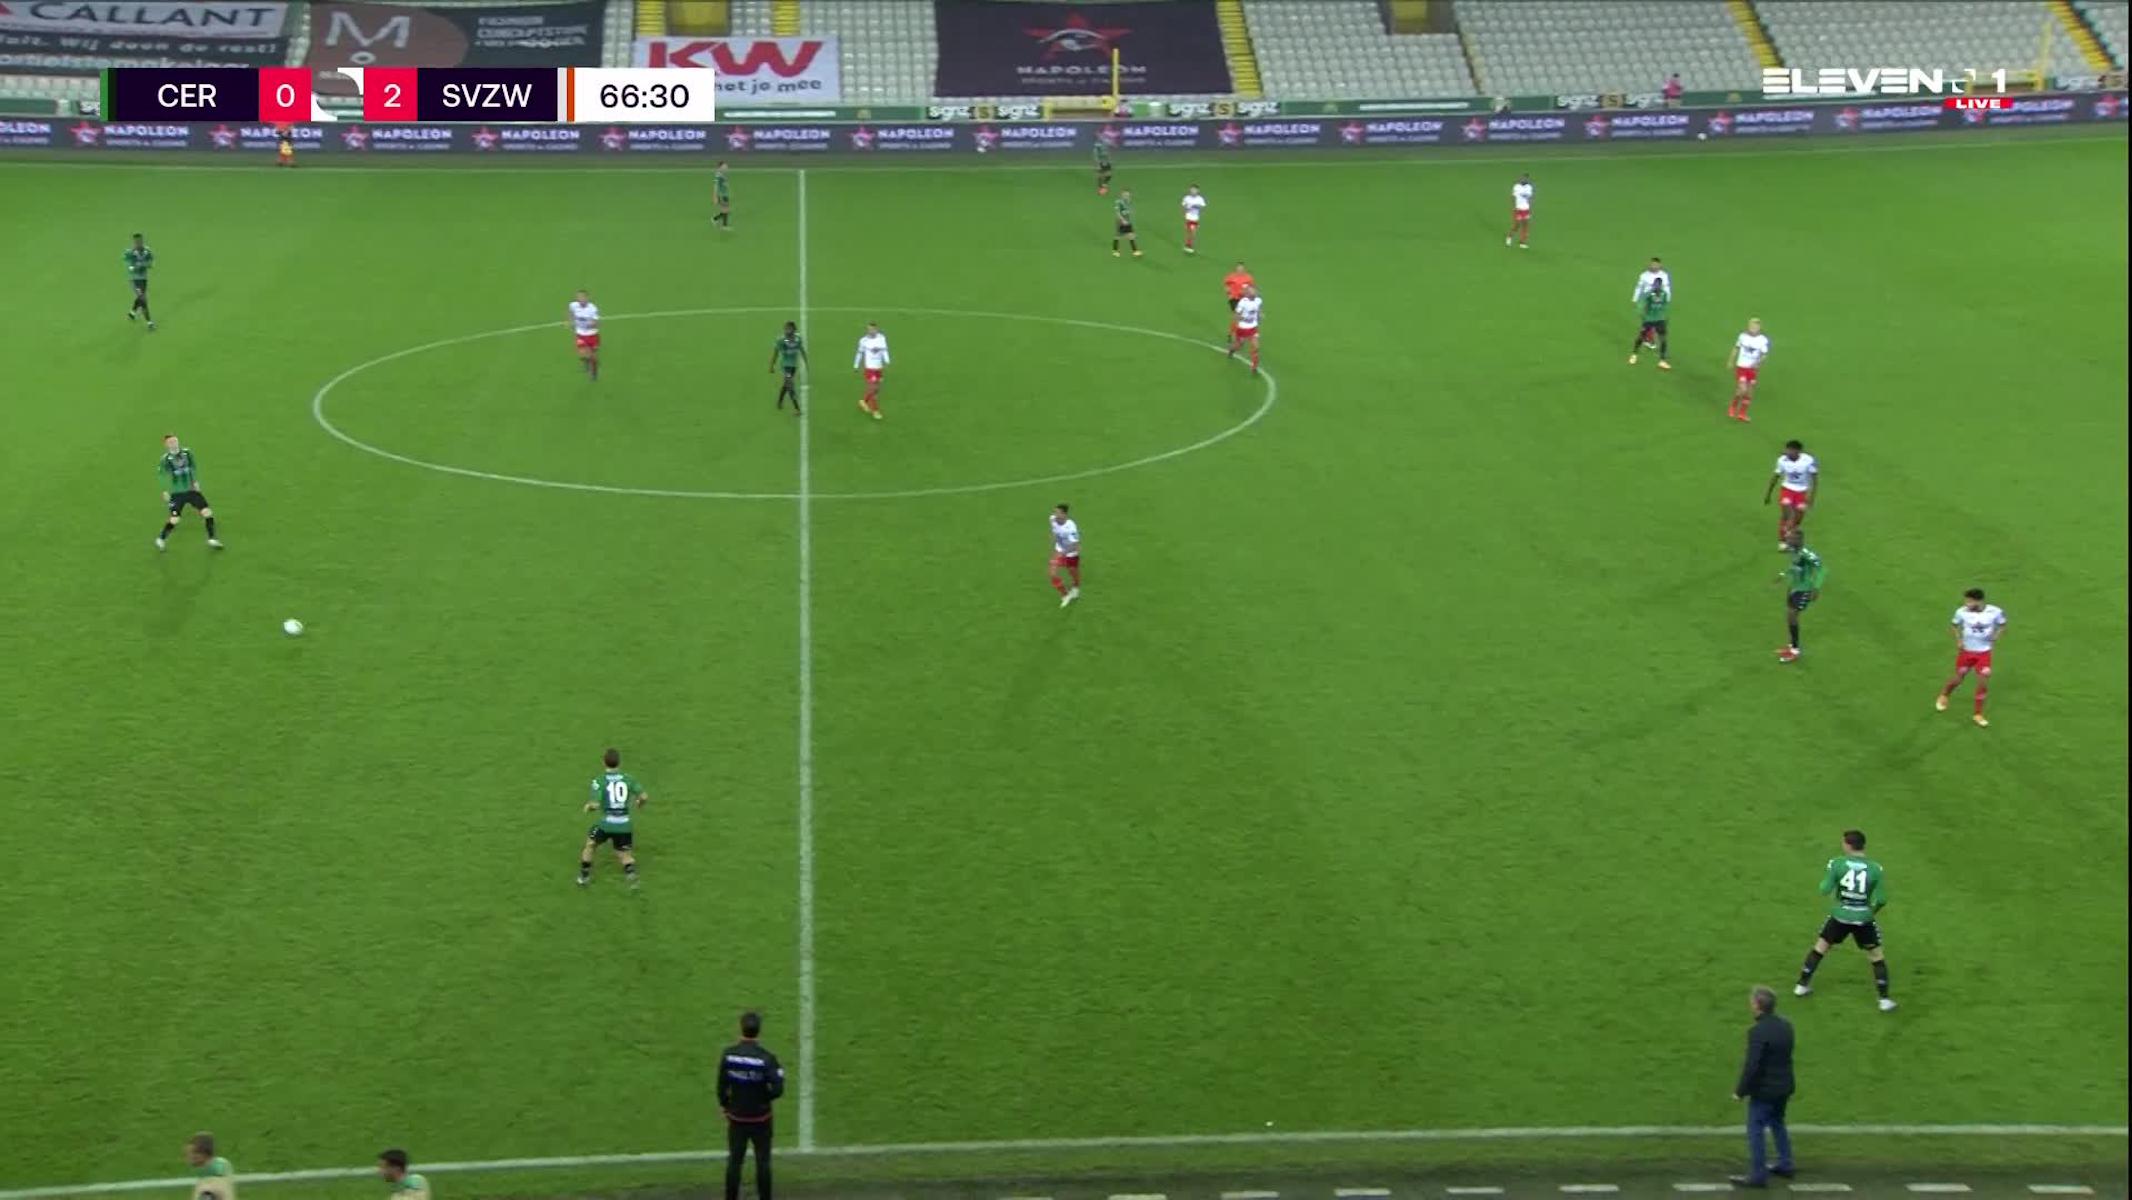 Doelpunt Ike Ugbo (Cercle Brugge vs. SV Zulte Waregem)